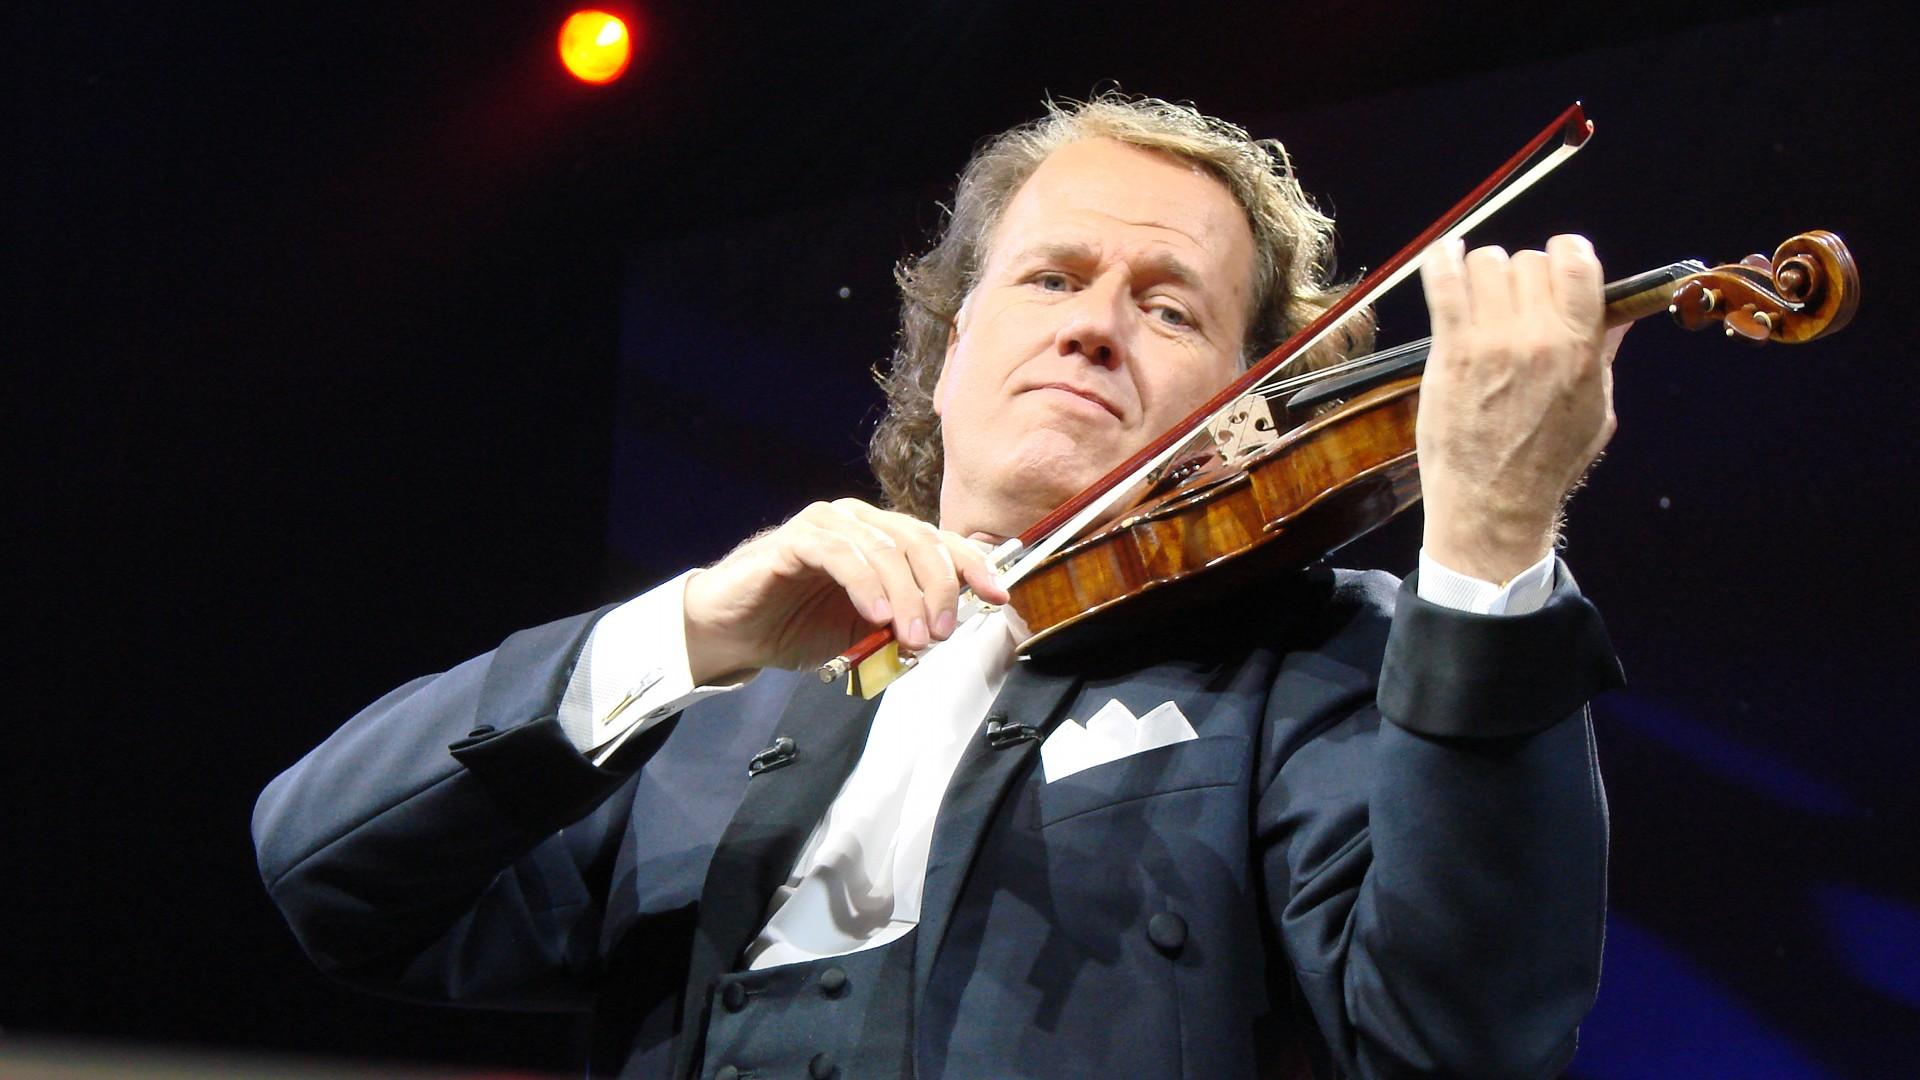 Andre Rieu și-a anulat toate concertele din Marea Britanie. El a luat această decizie după ce un membru al orchestrei a suferit un infarct.